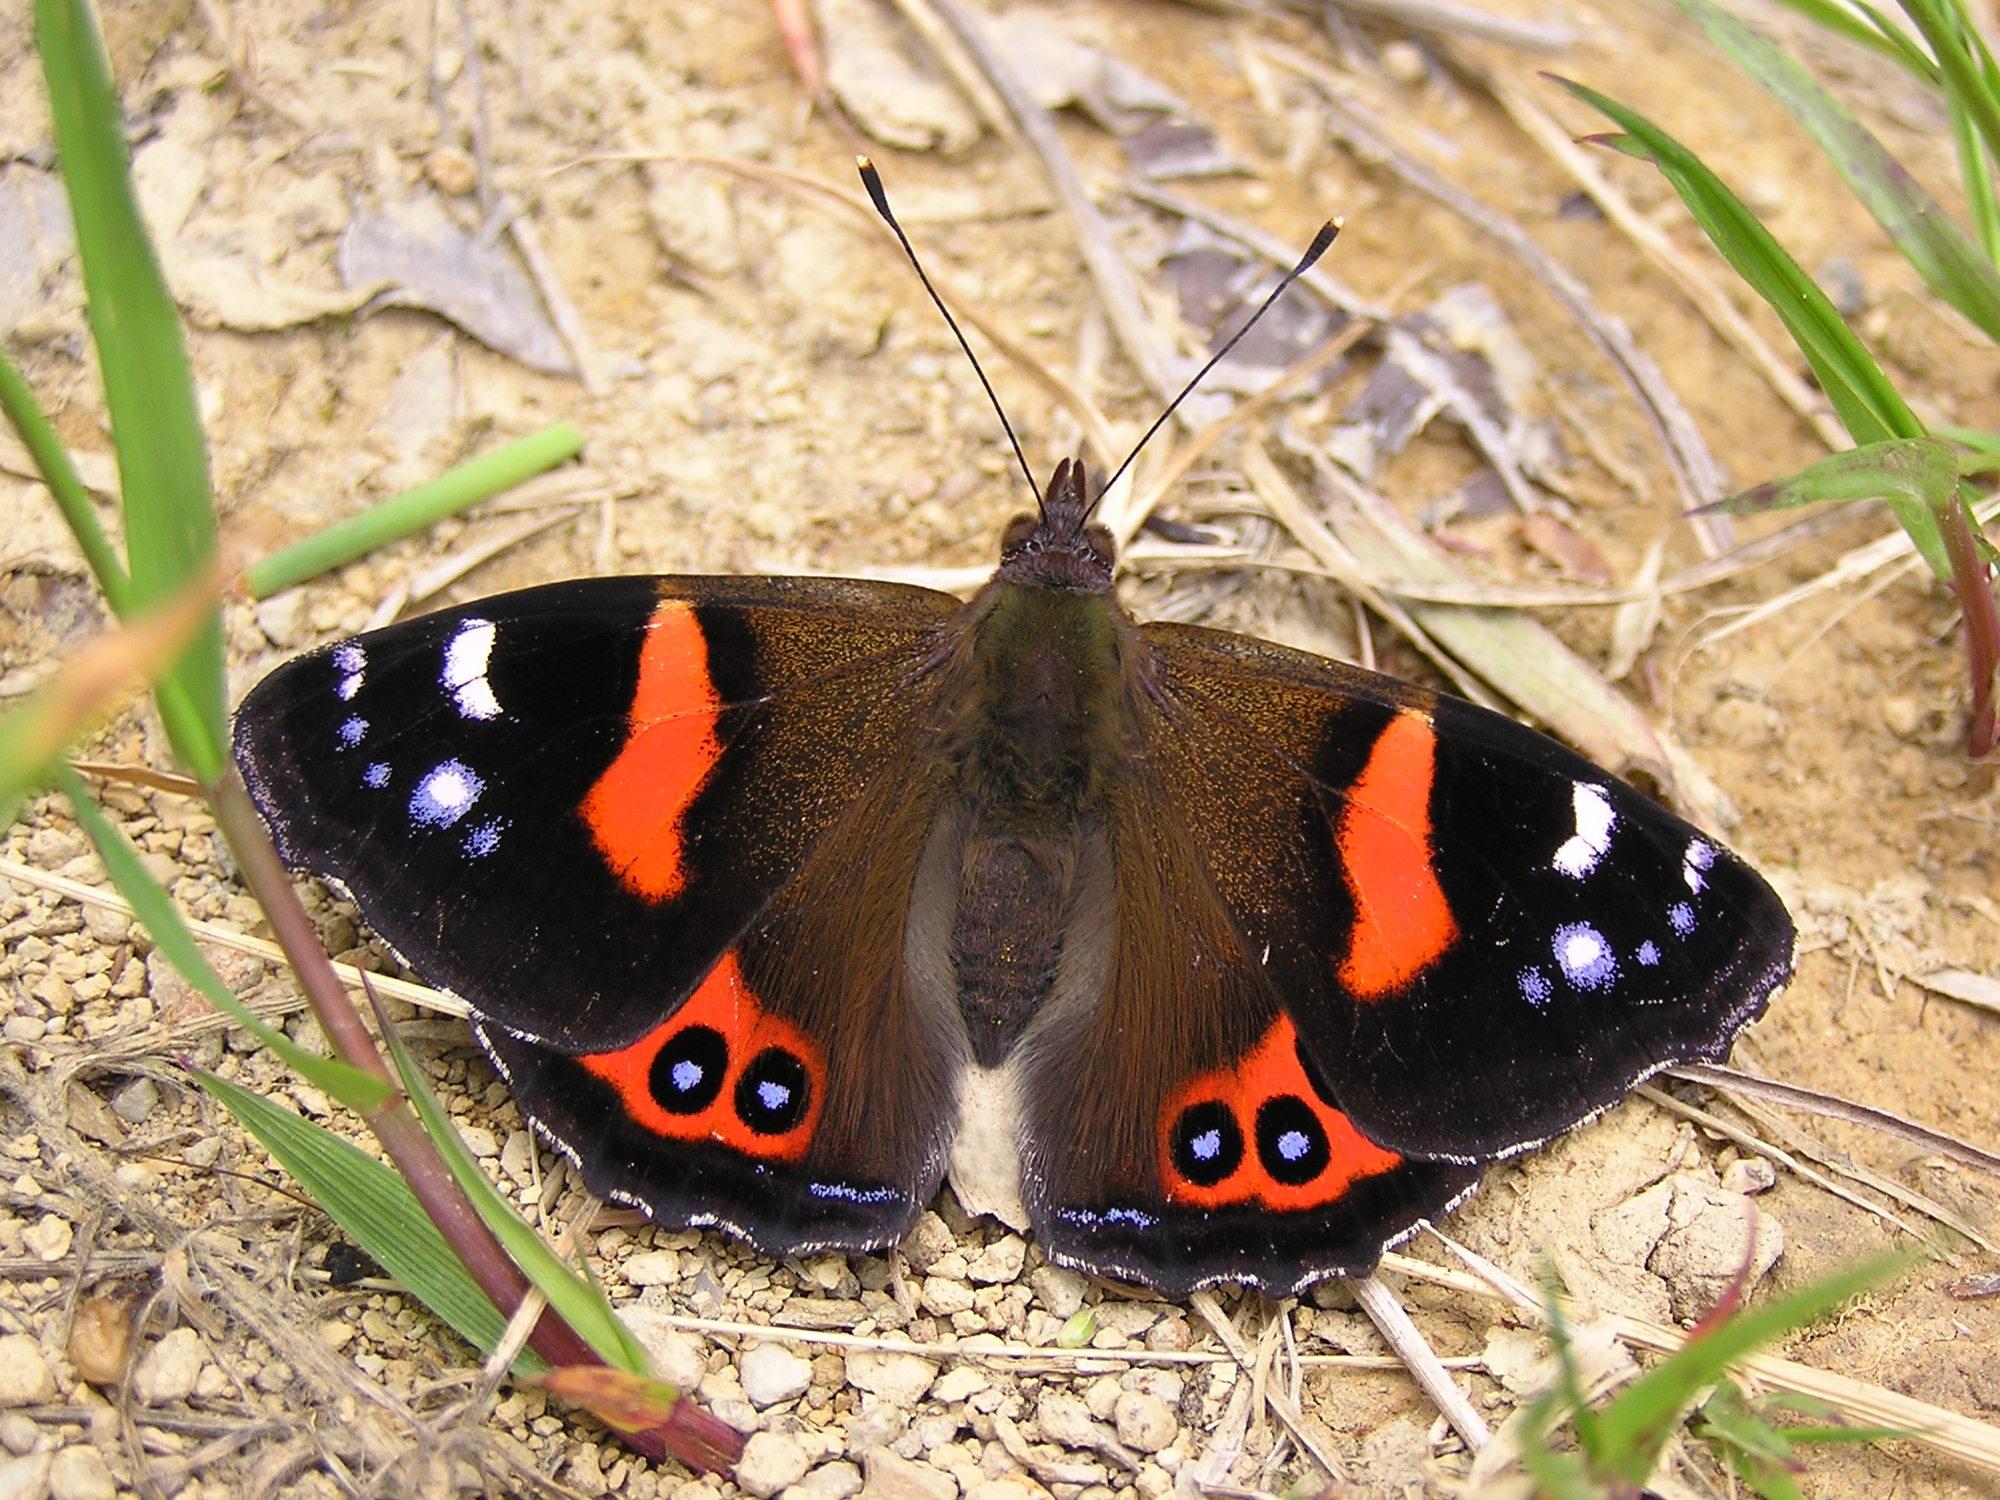 File:NZ Red Admiral Butterfly (Vanessa gonerilla).jpg